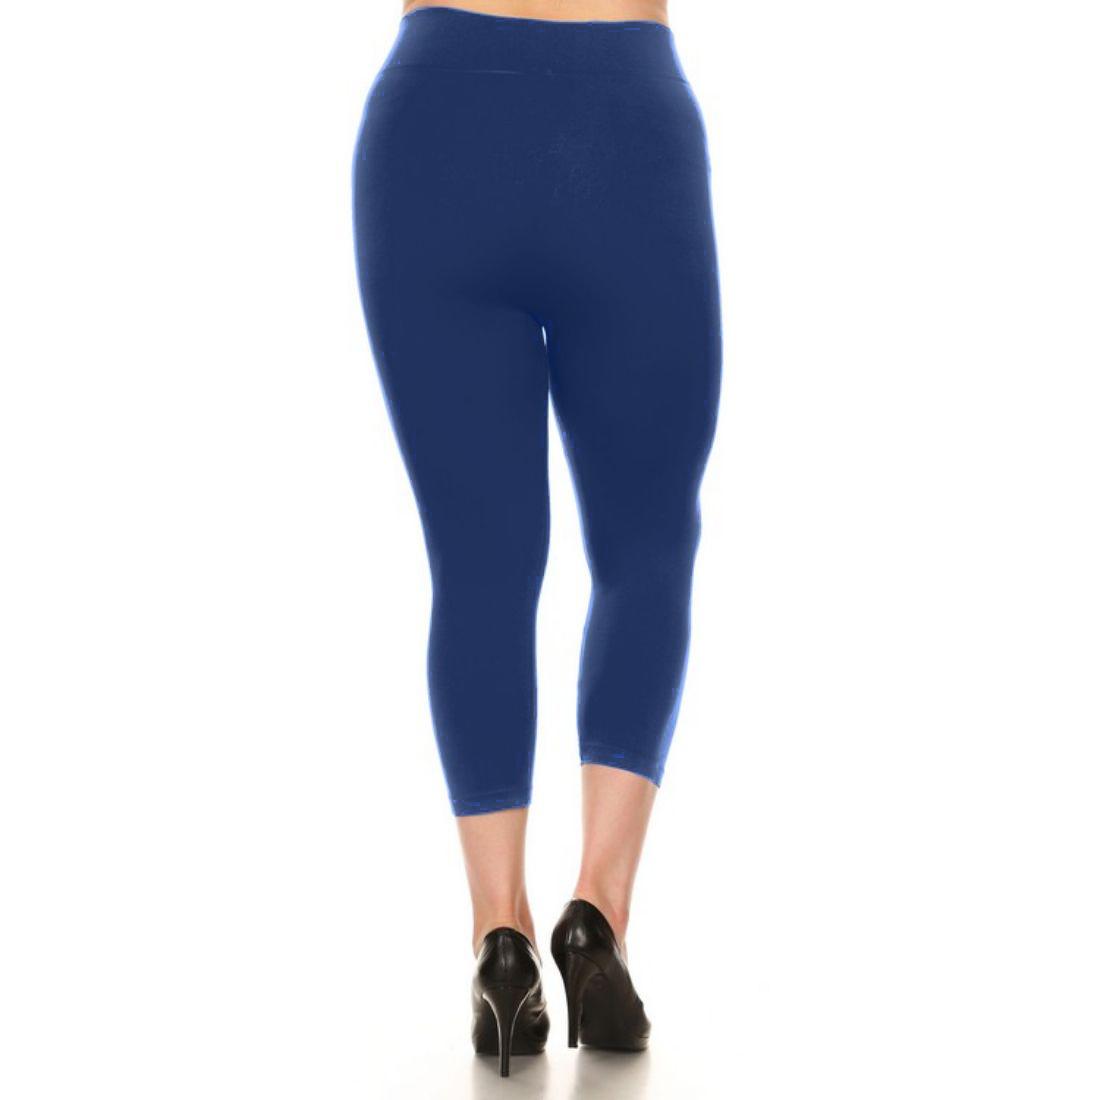 miniature 32 - Femmes Grande Taille Capri Leggings Court Stretch Pantalon Basique Solide Pour